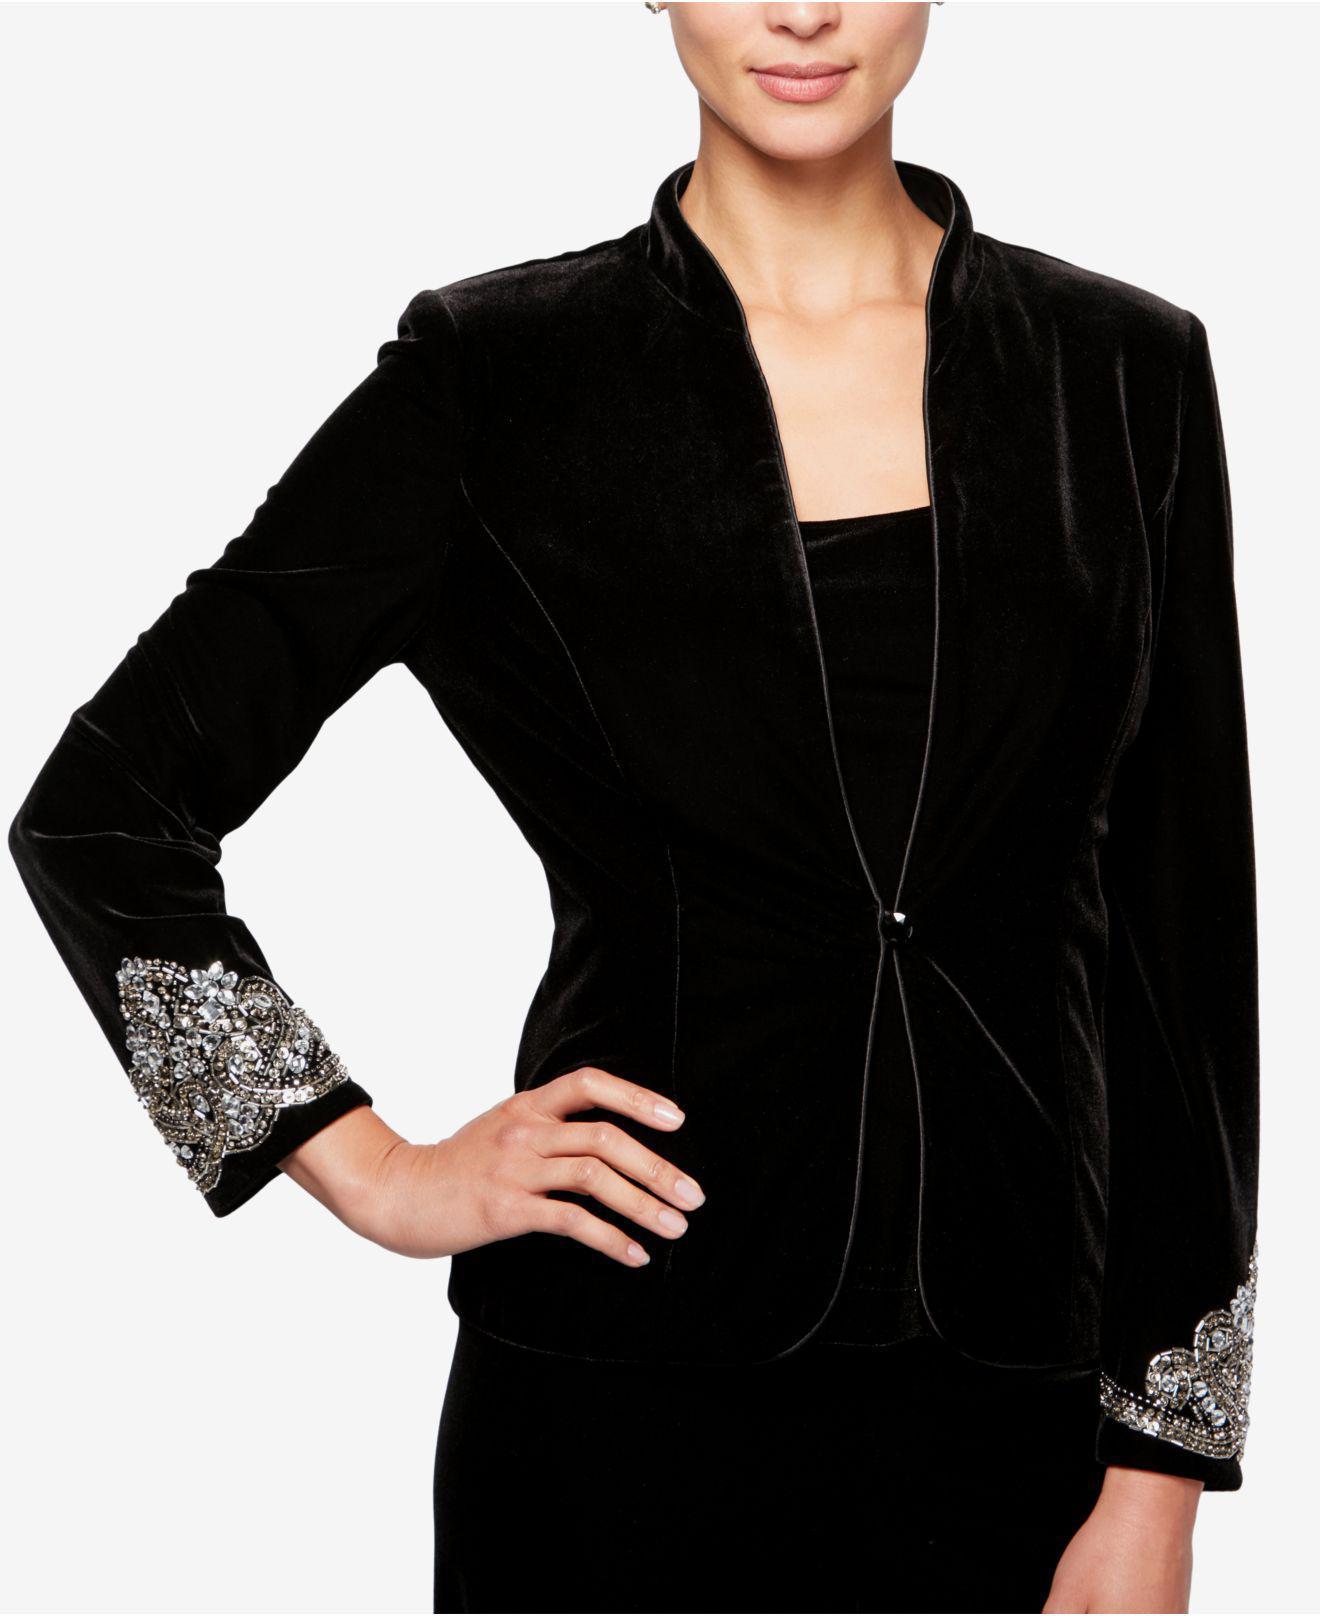 45c8217a9a6 Lyst - Alex Evenings Beaded Velvet Jacket   Top Set in Black